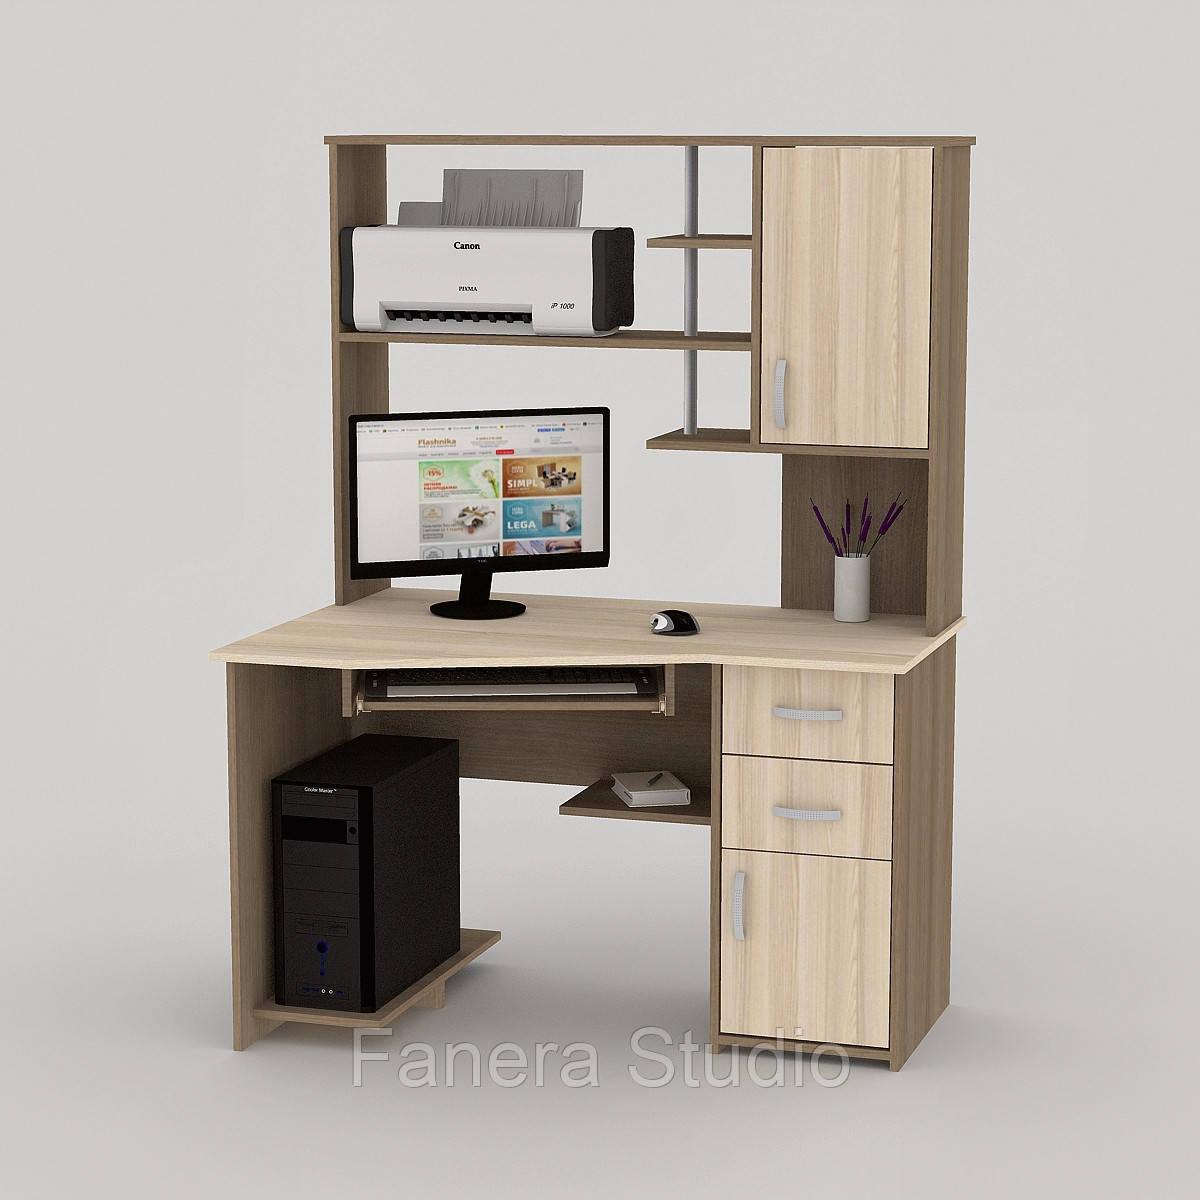 Комп'ютерний стіл FLASHNIKA LED 31 Лімберг/Коімбра